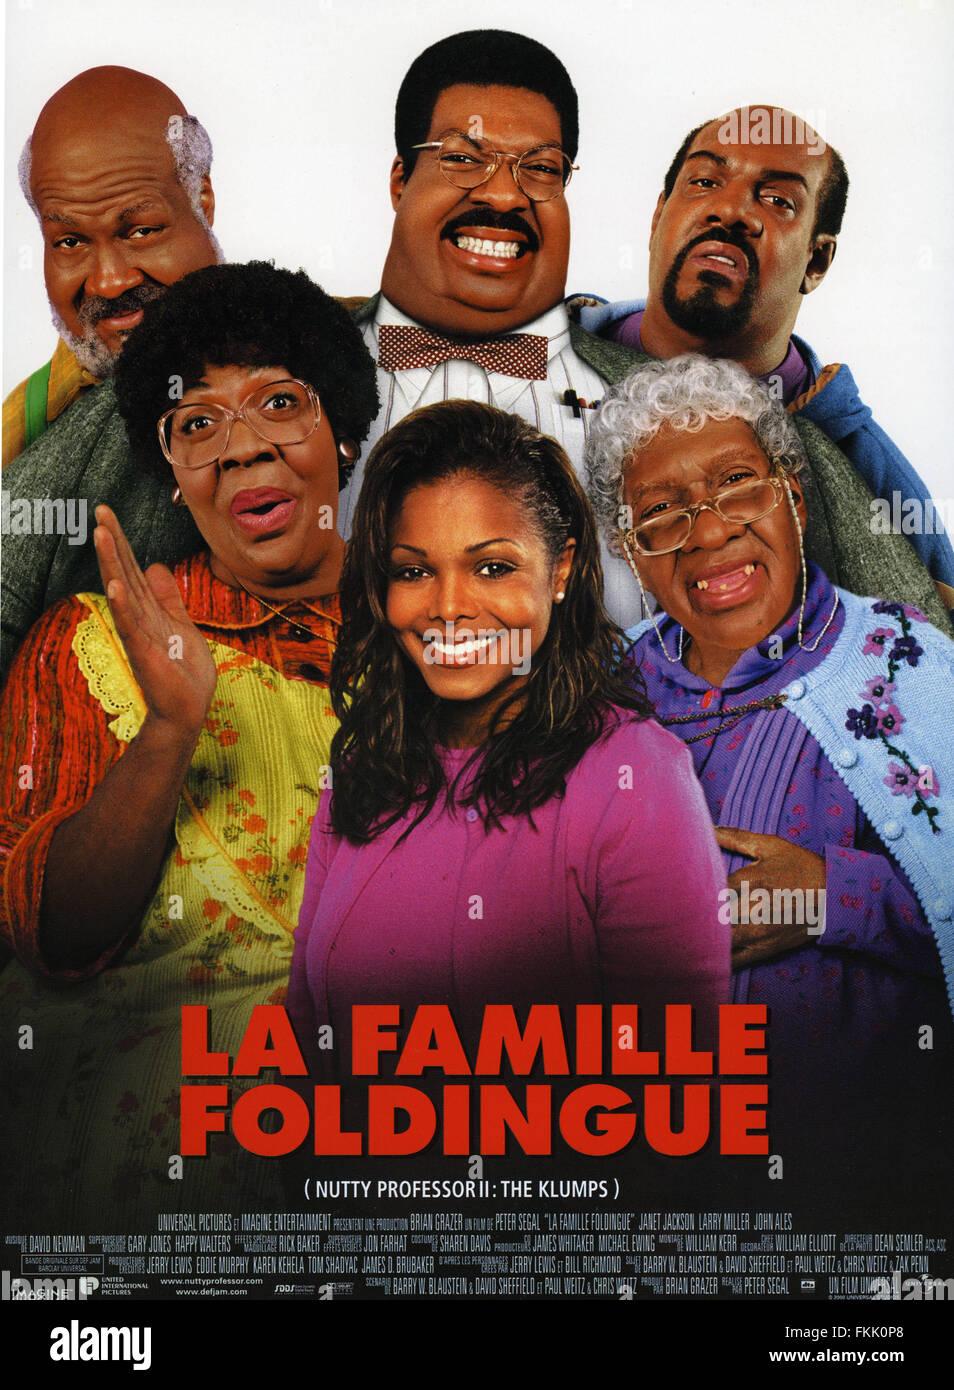 FAMILLE 2 FILM LA TÉLÉCHARGER FOLDINGUE